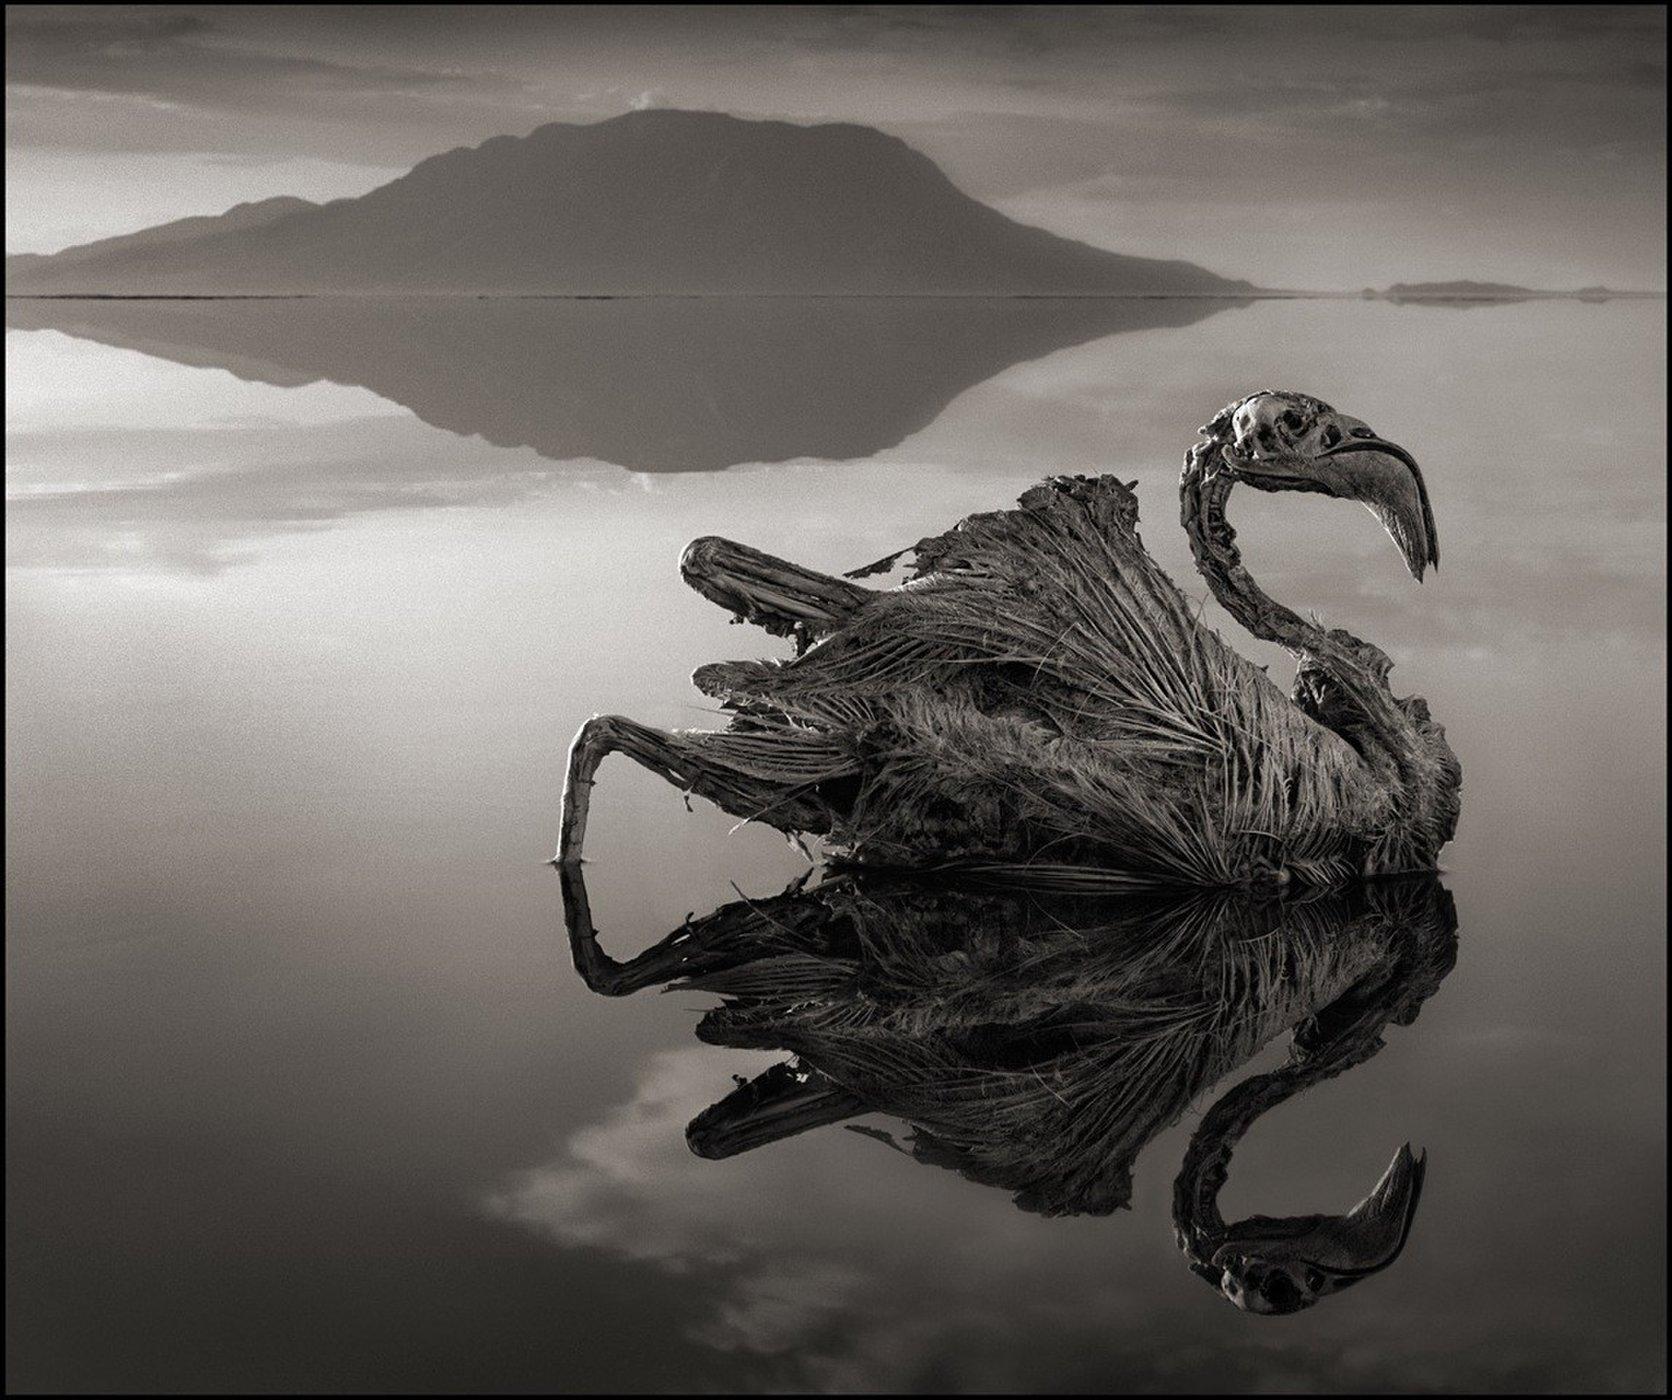 بیرحمترین دریاچه آفریقا تله ای برای حیوانات+ عکس